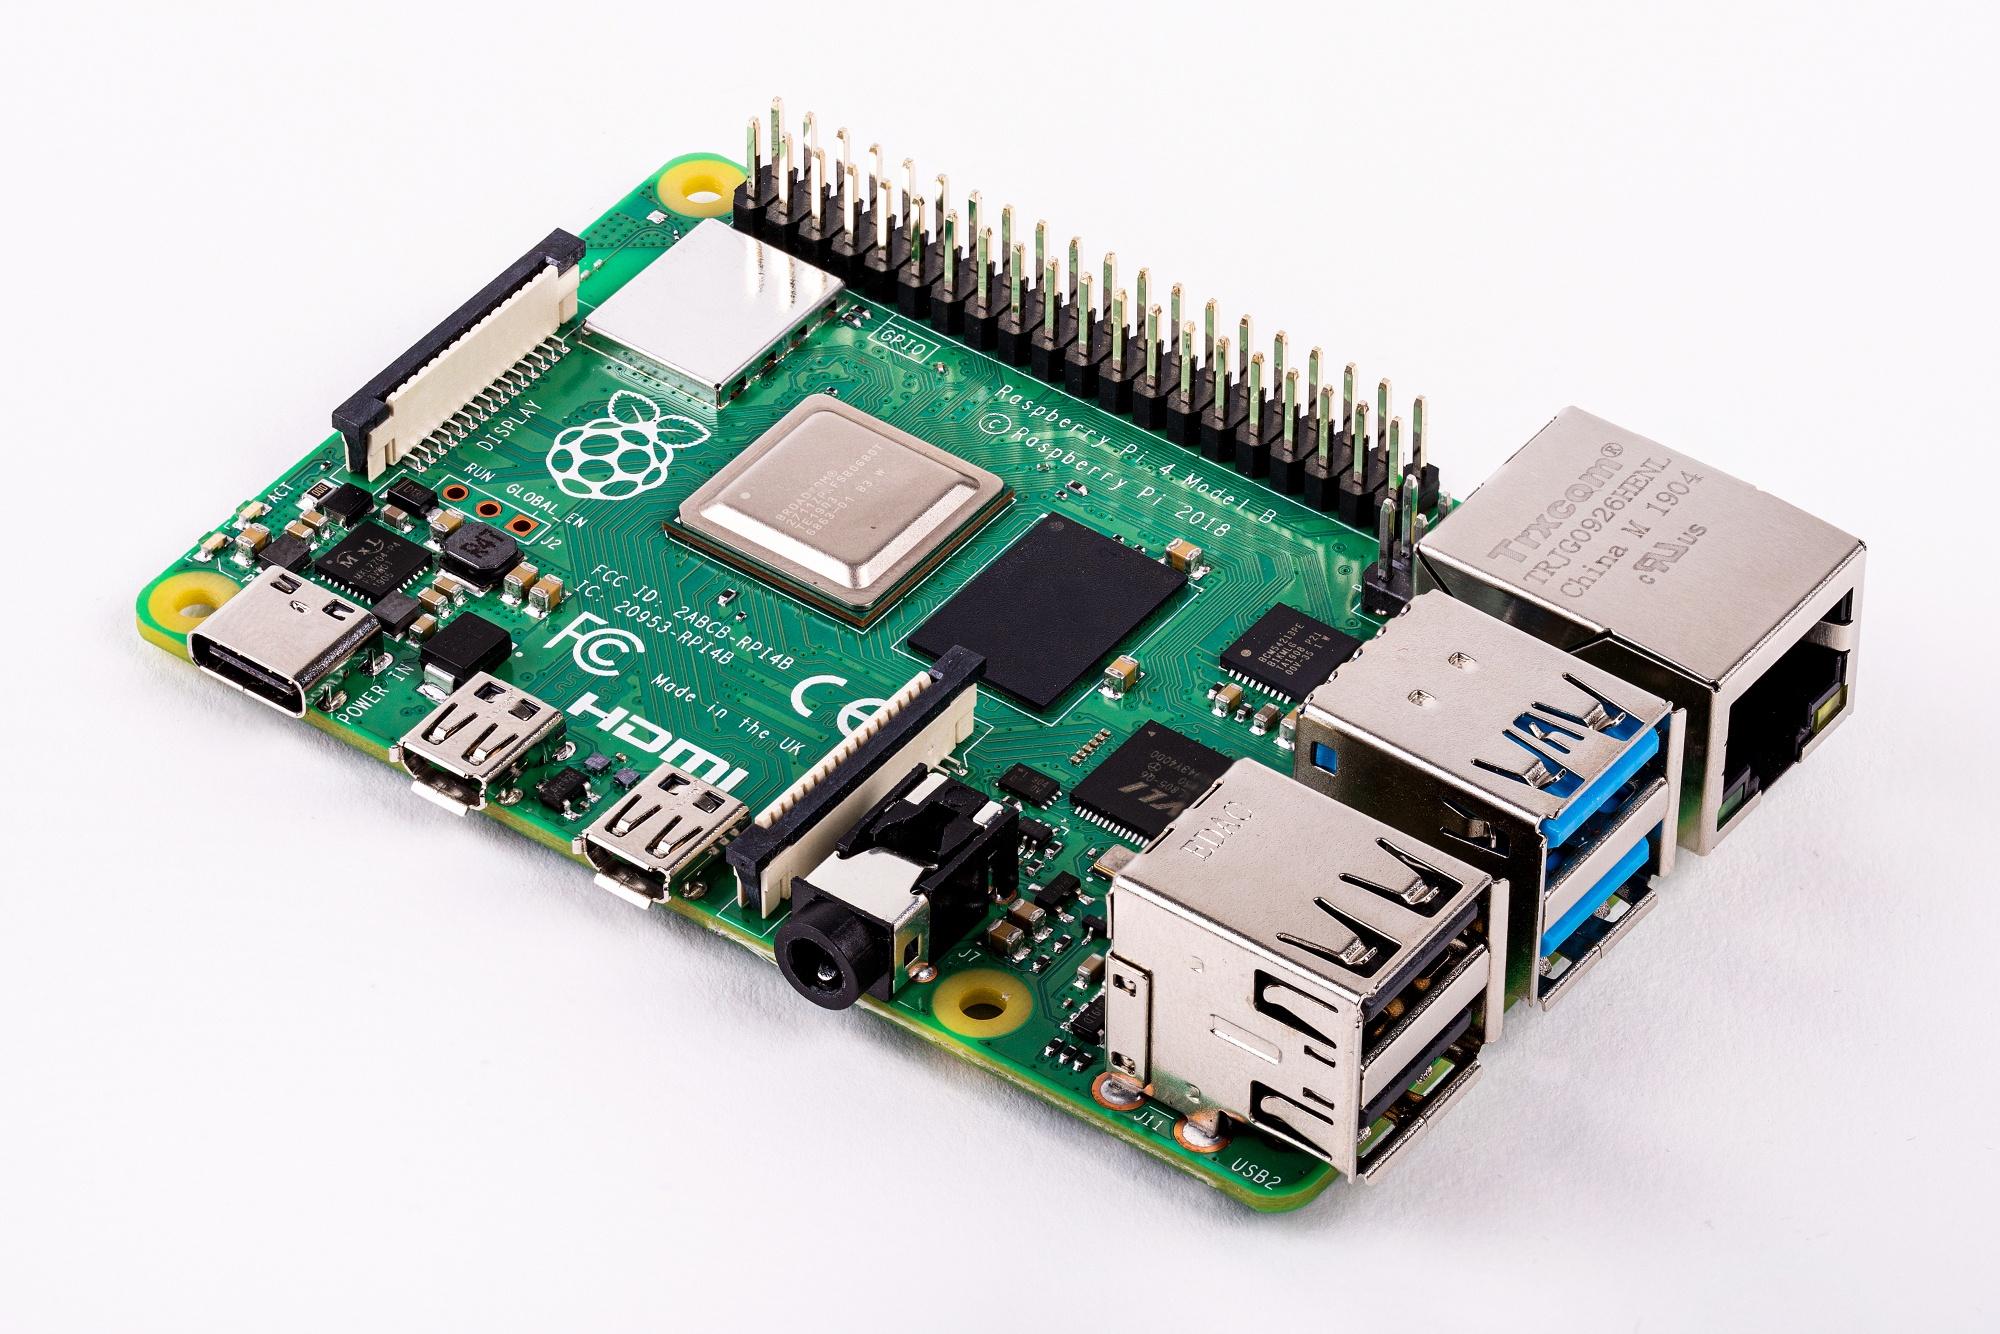 Микрокомпьютер Raspberry Pi4 получил модификацию с4 ГБпамяти LPDDR4